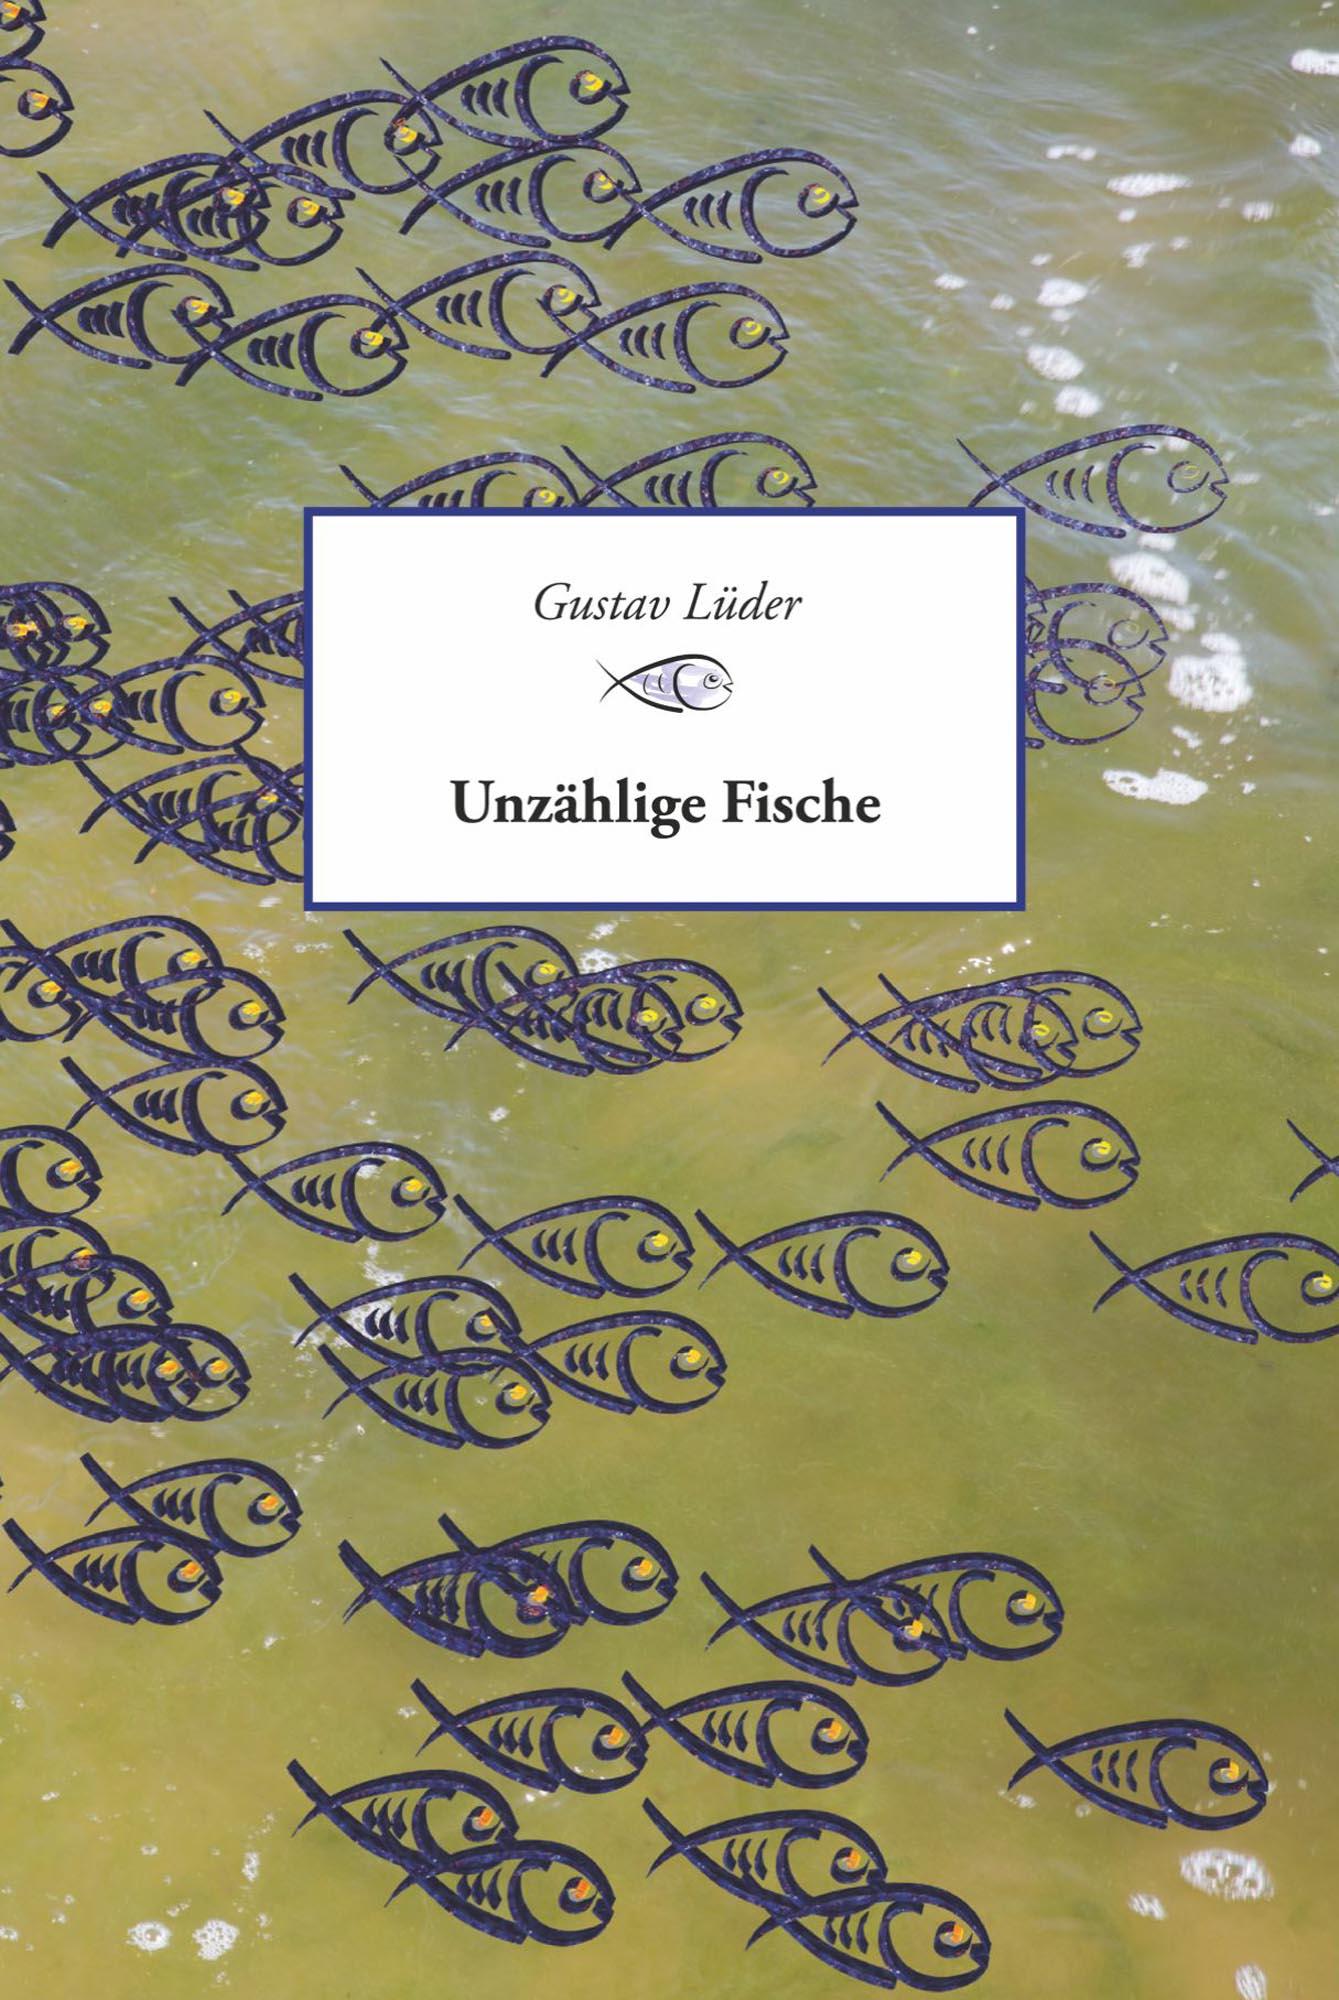 Unzaehlige-Fische-Gustav-Lueder